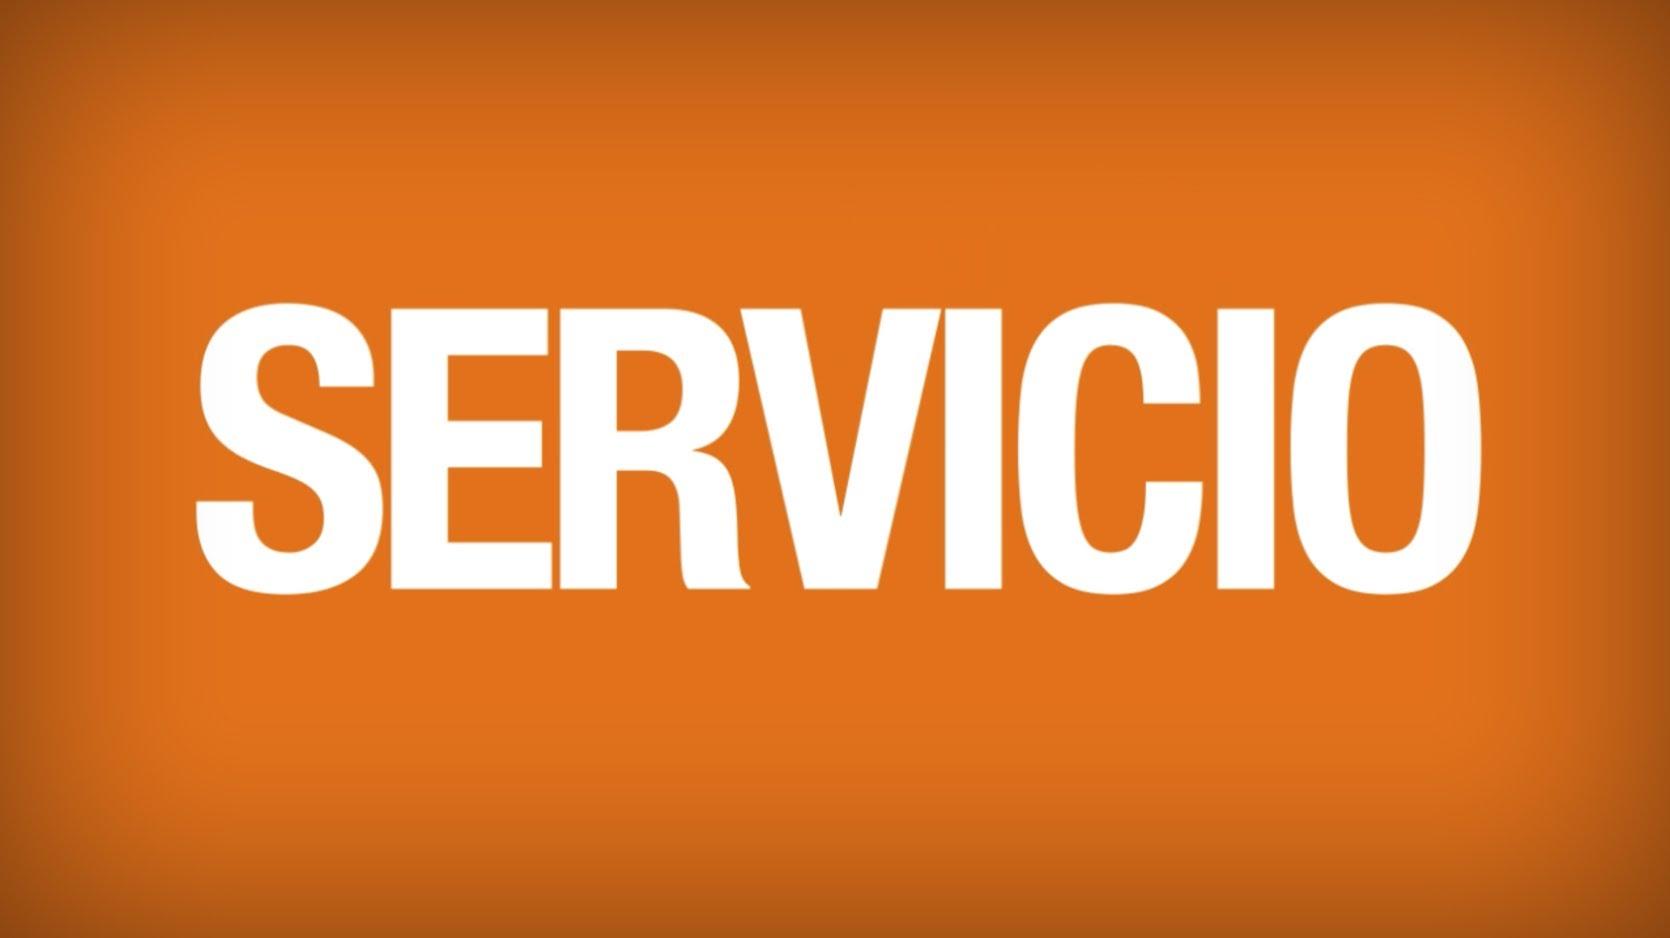 El éxito es servir a otros